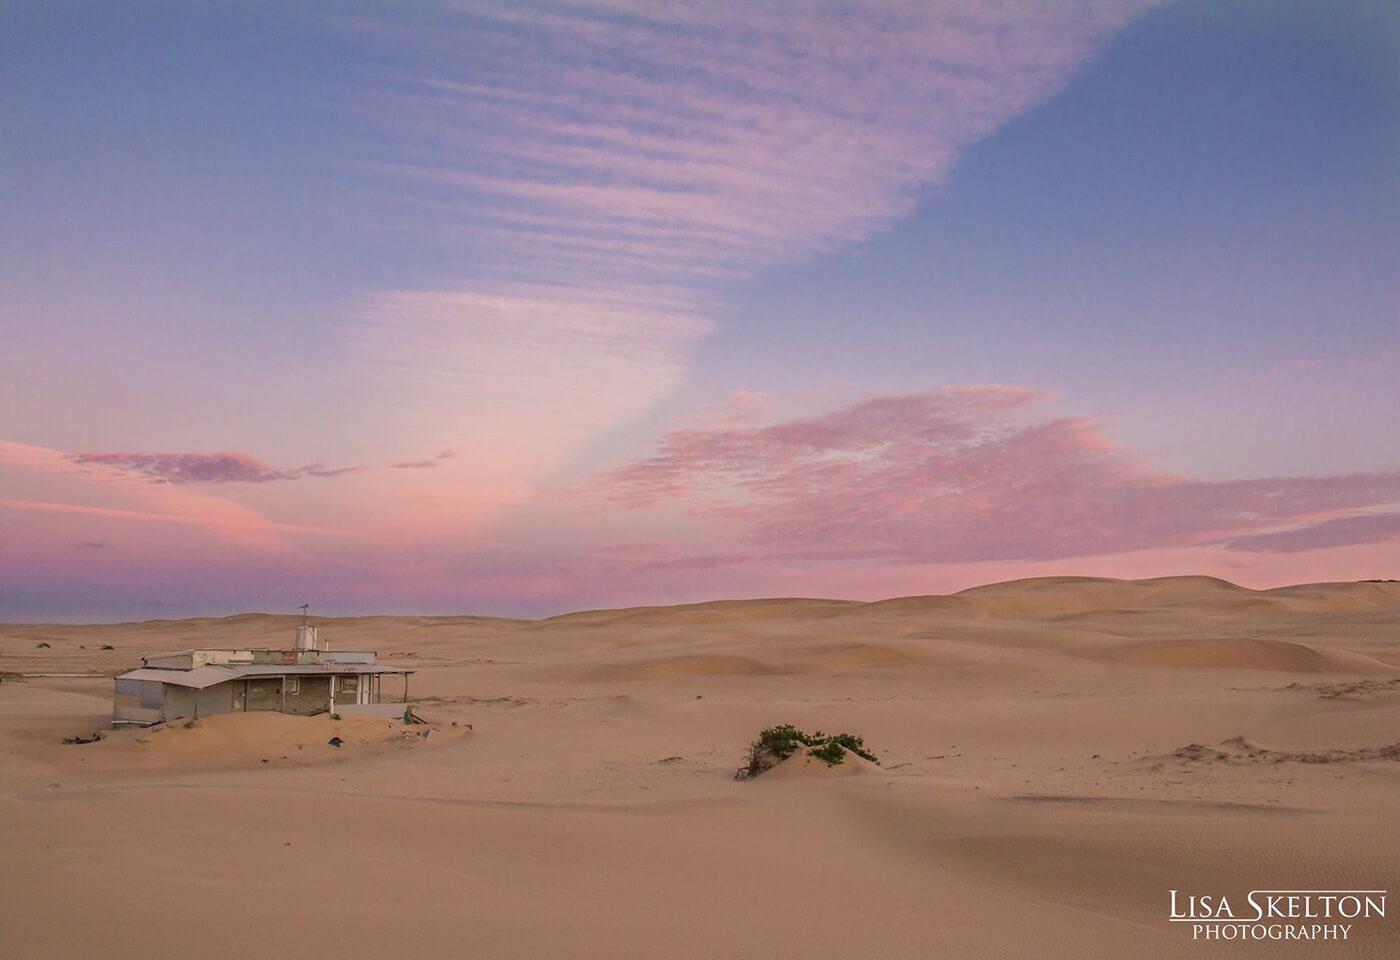 Landscape image of sand dunes